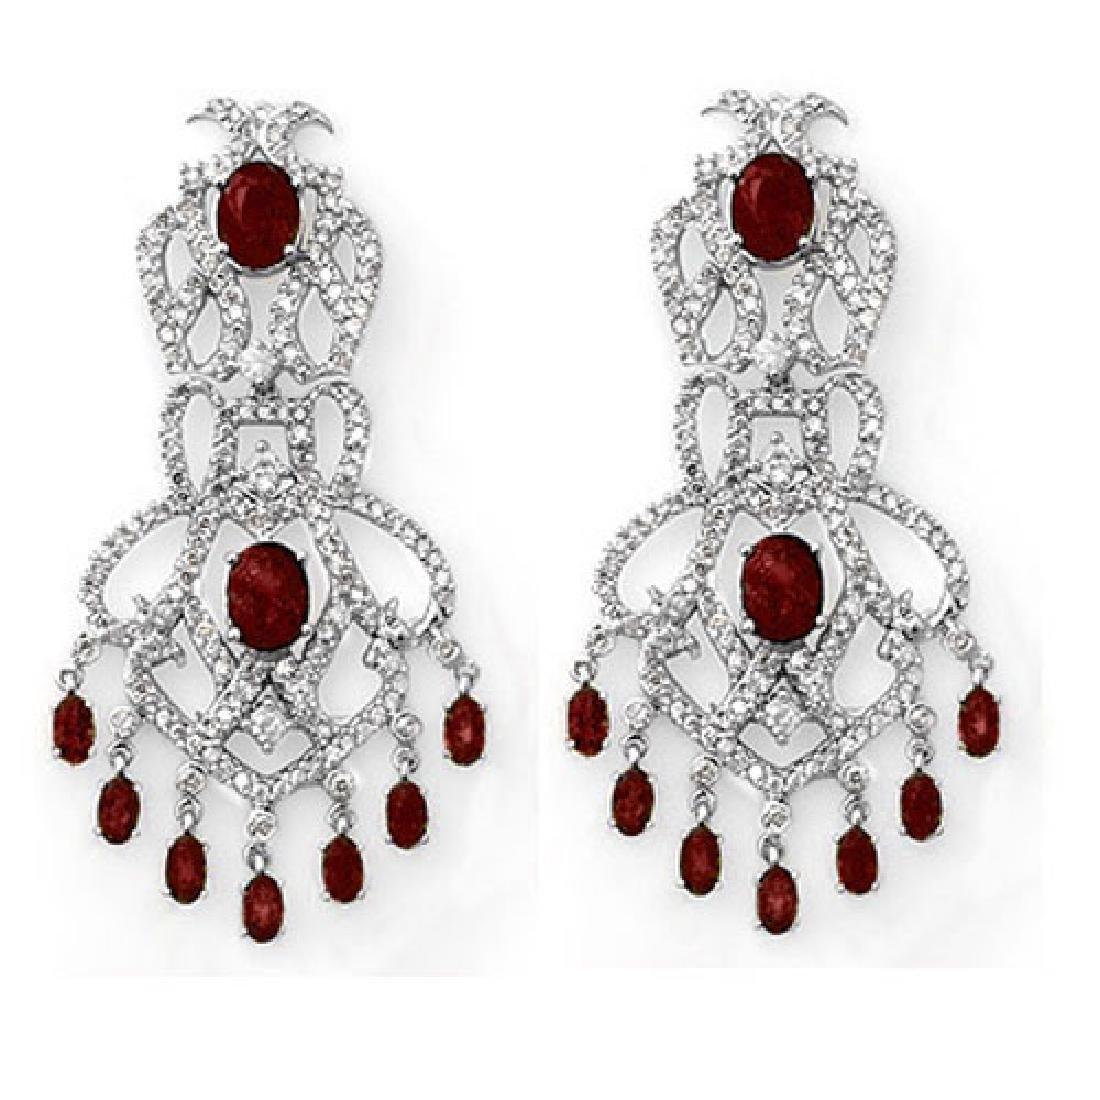 17.50 CTW Ruby & Diamond Earrings 18K White Gold